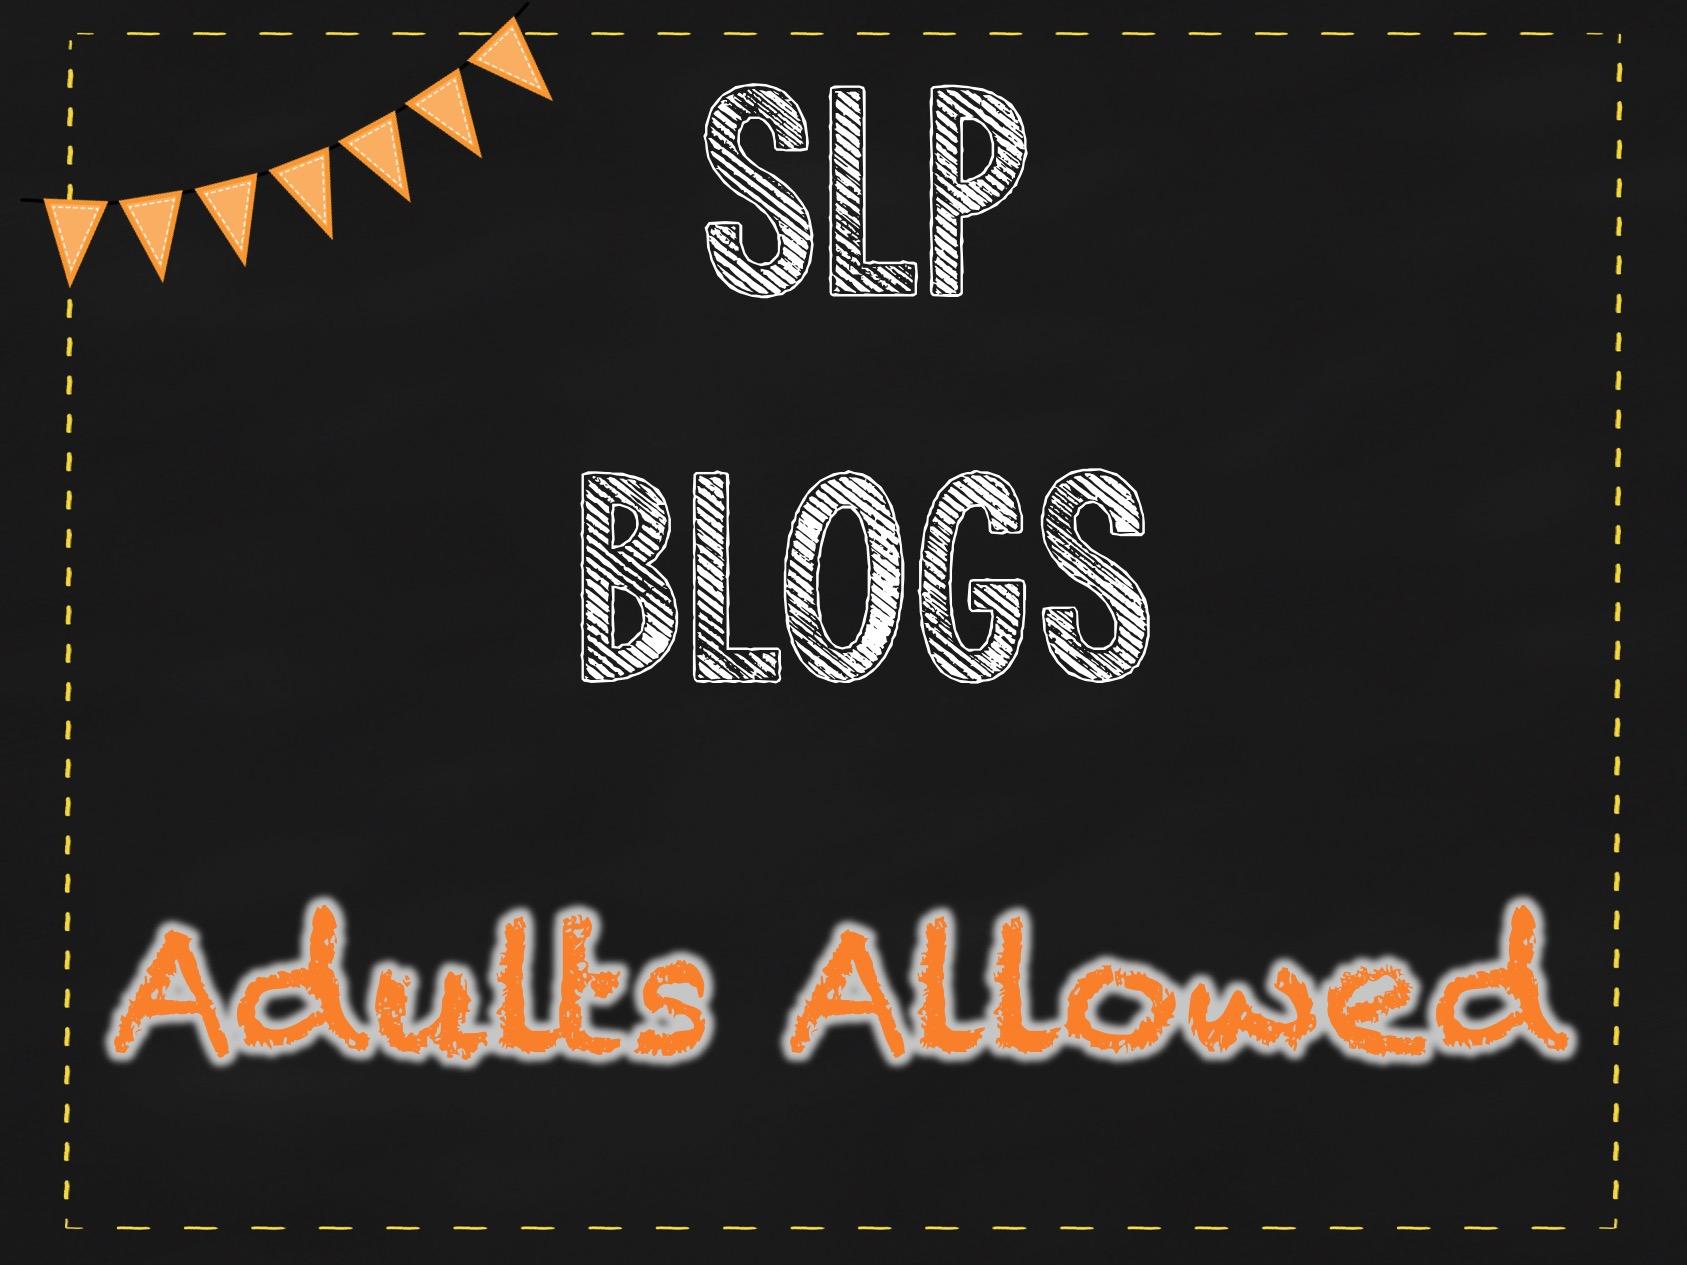 Speech Blogs: Not Just for Kids